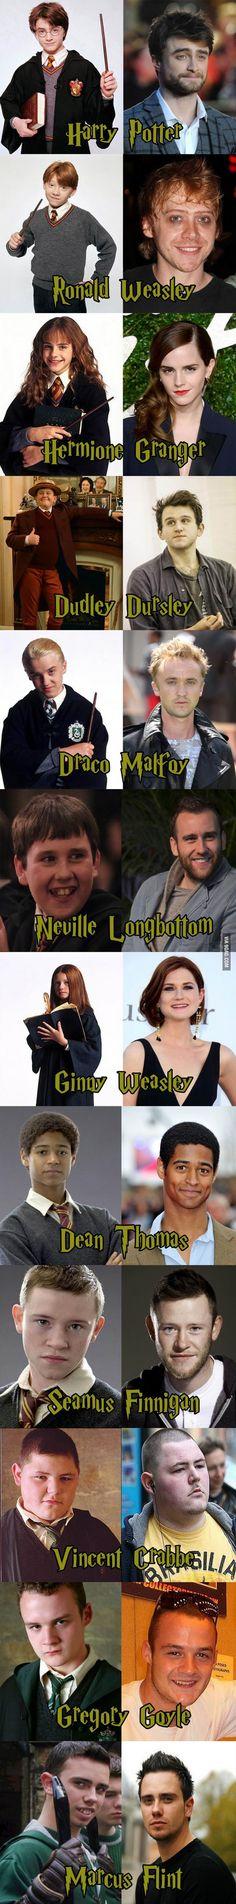 14 ปีผ่านมา... เหล่านักแสดงในแฮรี่ พอตเตอร์  เป็นอย่างไรกันบ้างนะ....